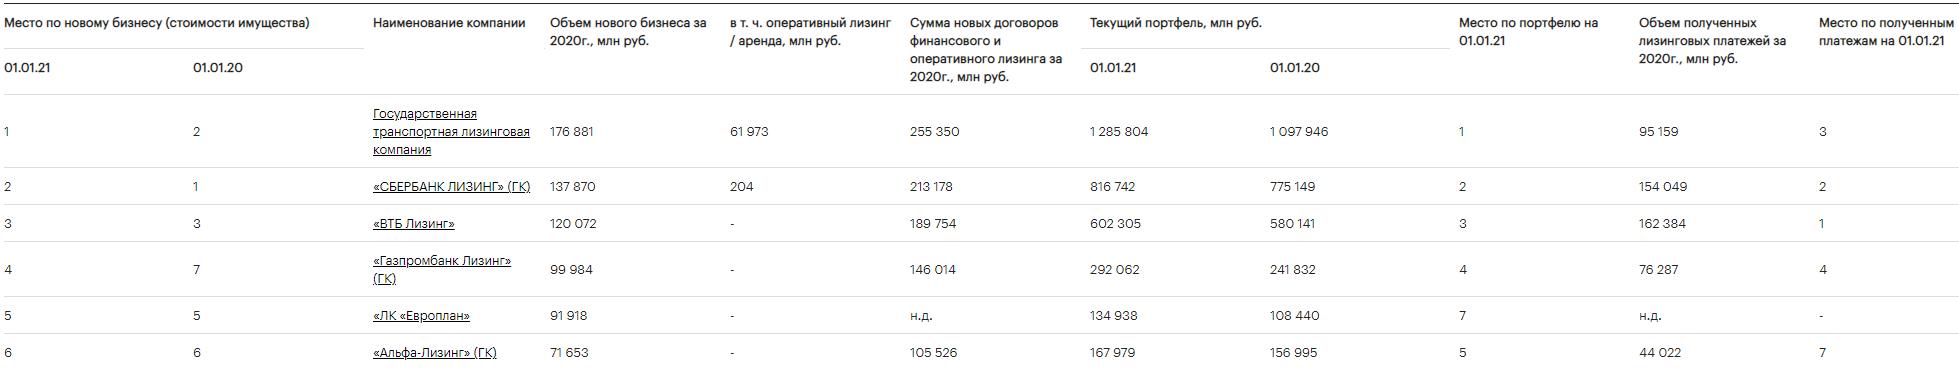 Рэнкинг лизинговых компаний России по итогам 2020 года по данным РА «Эксперт»